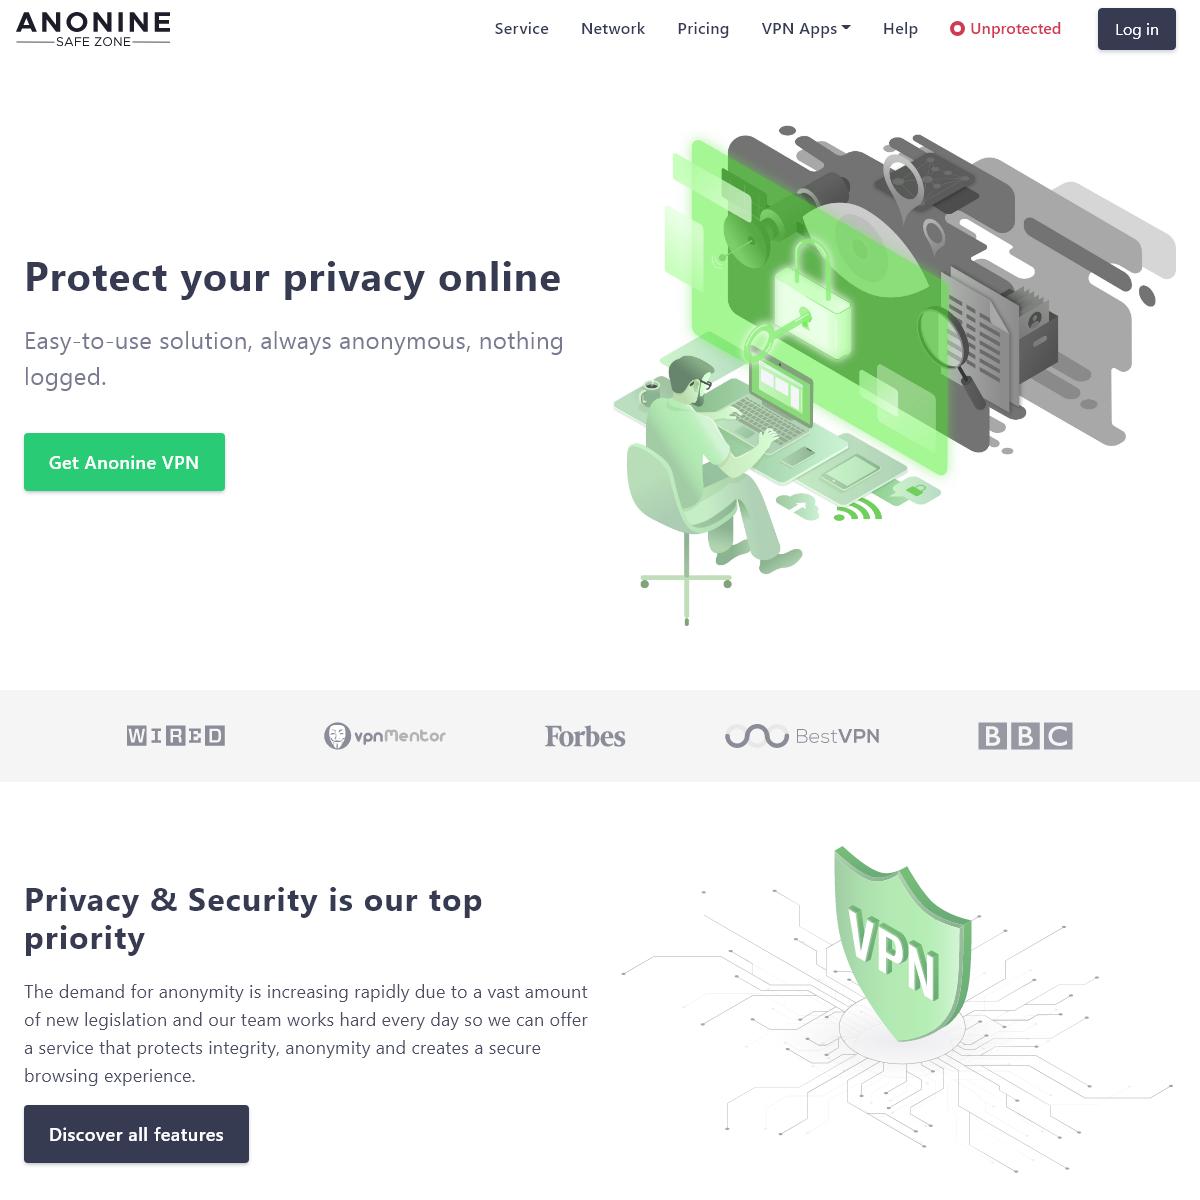 High Speed VPN Provider, No Logging - Anonine VPN